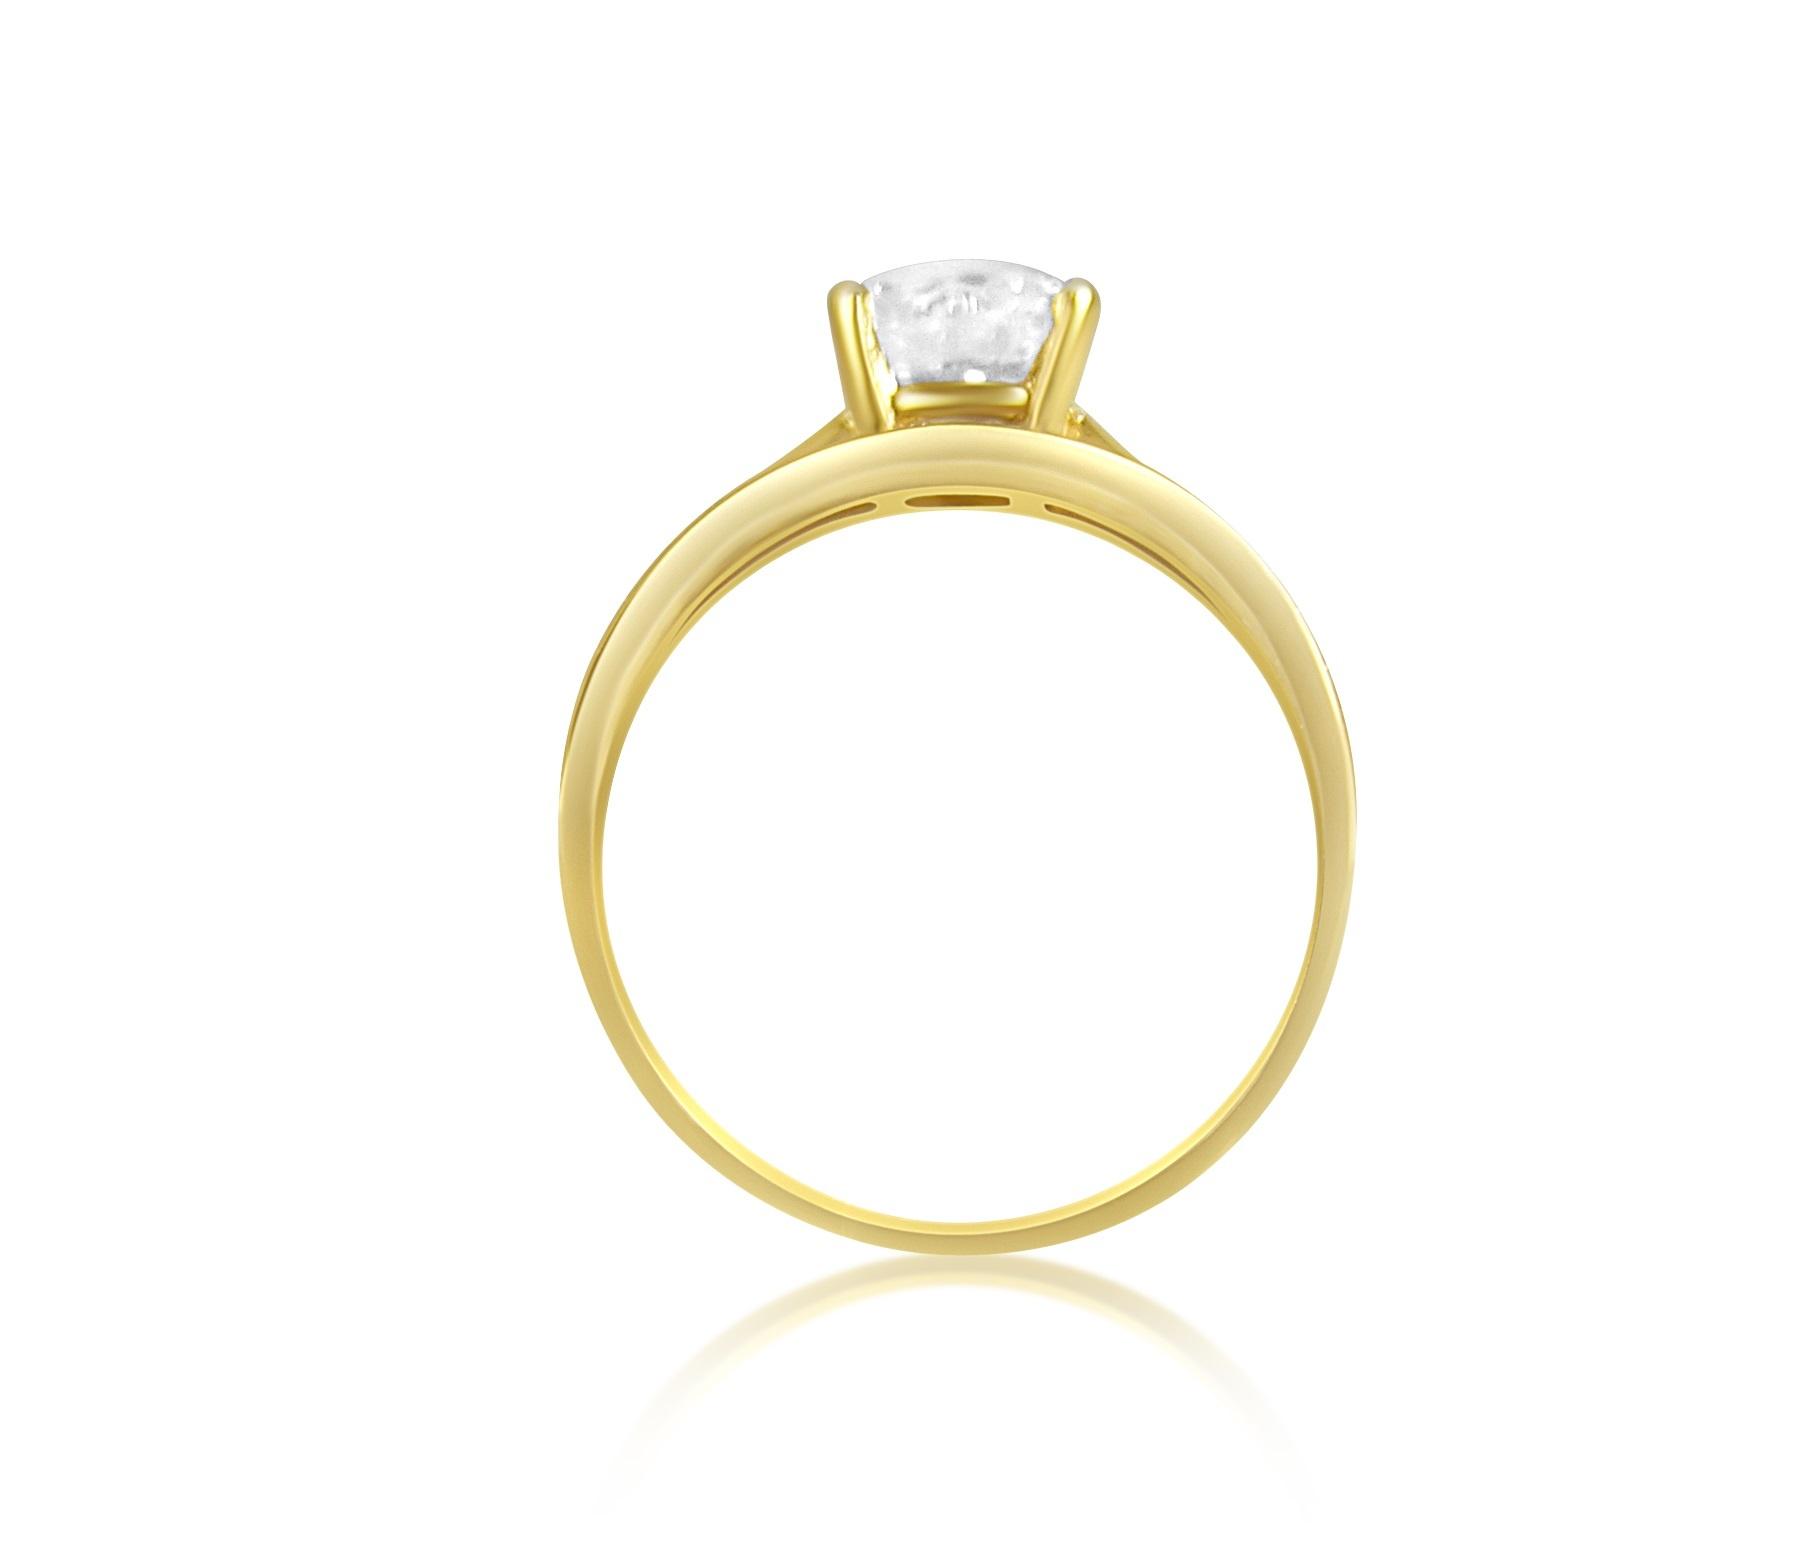 18 karaat gee en witl goud verlovingsring met zirkonia